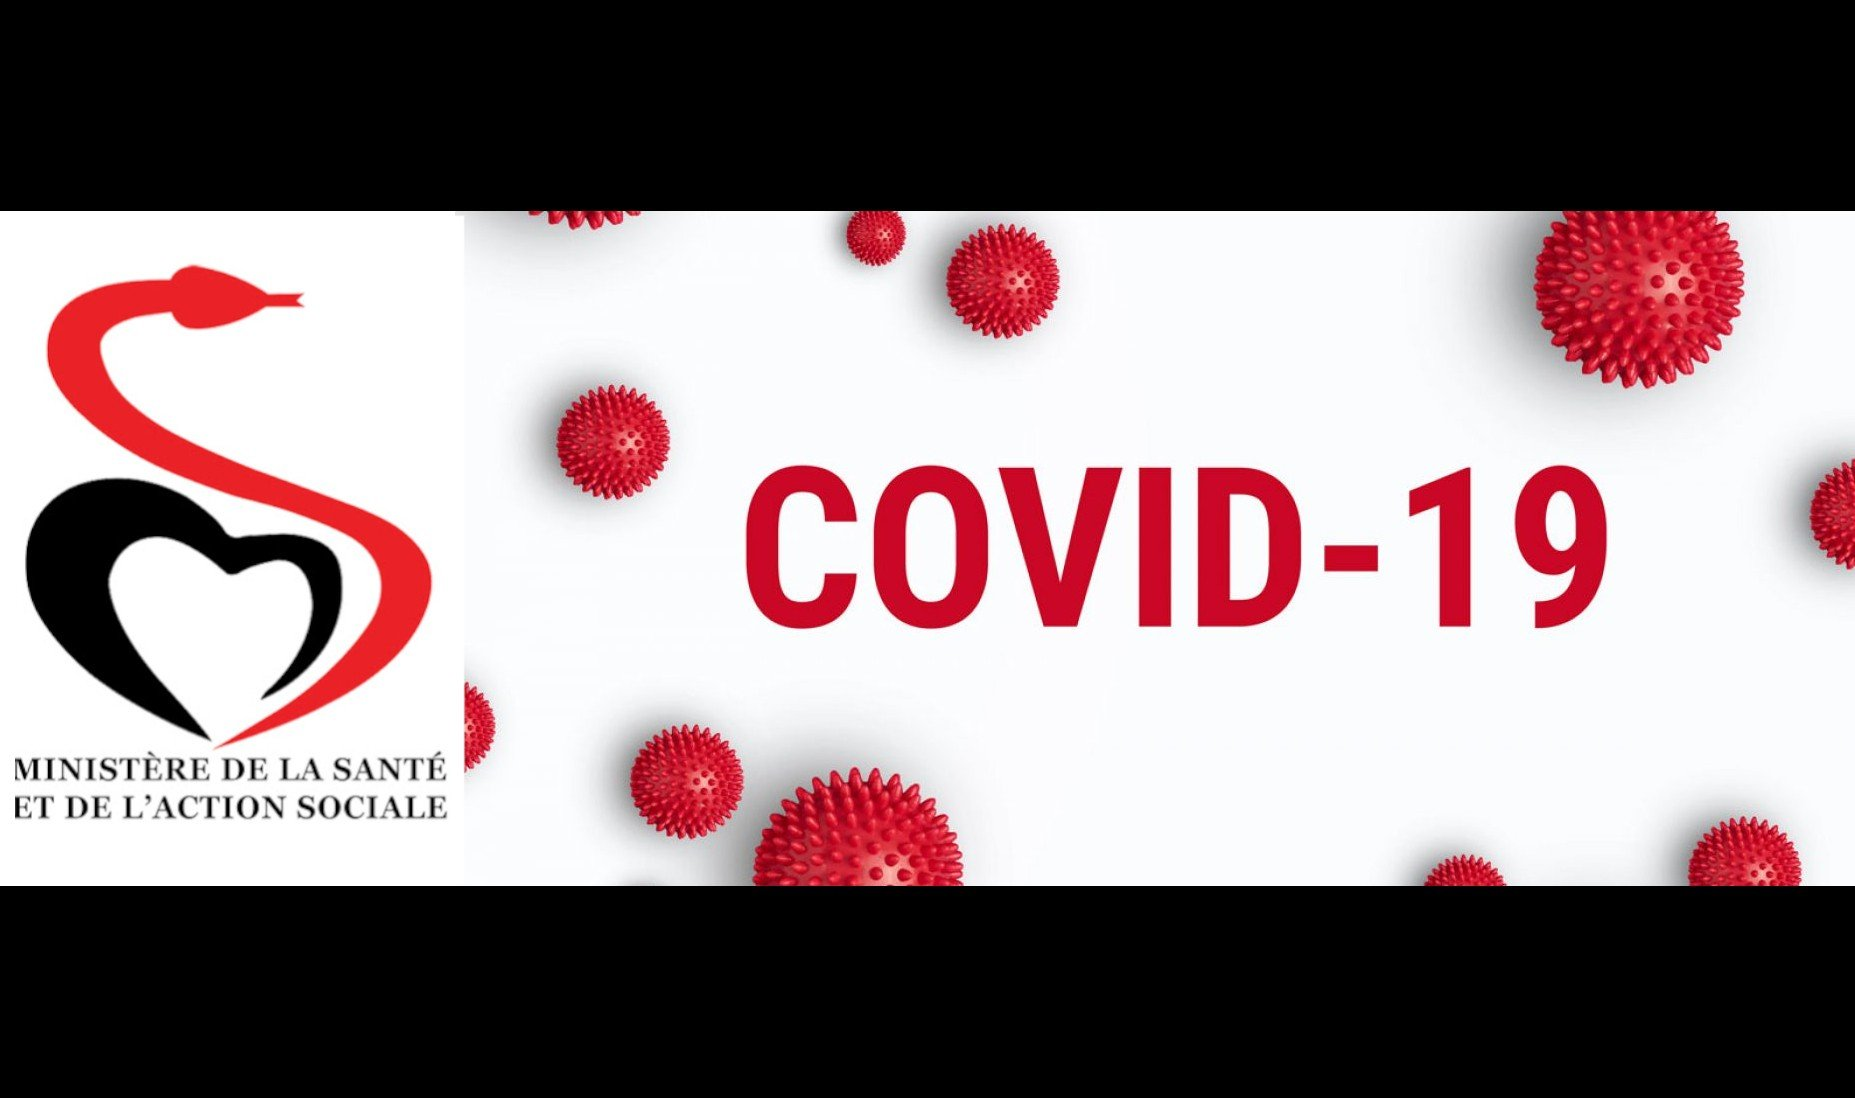 COVID-19 Sénégal : Communiqué 204/21 Sept